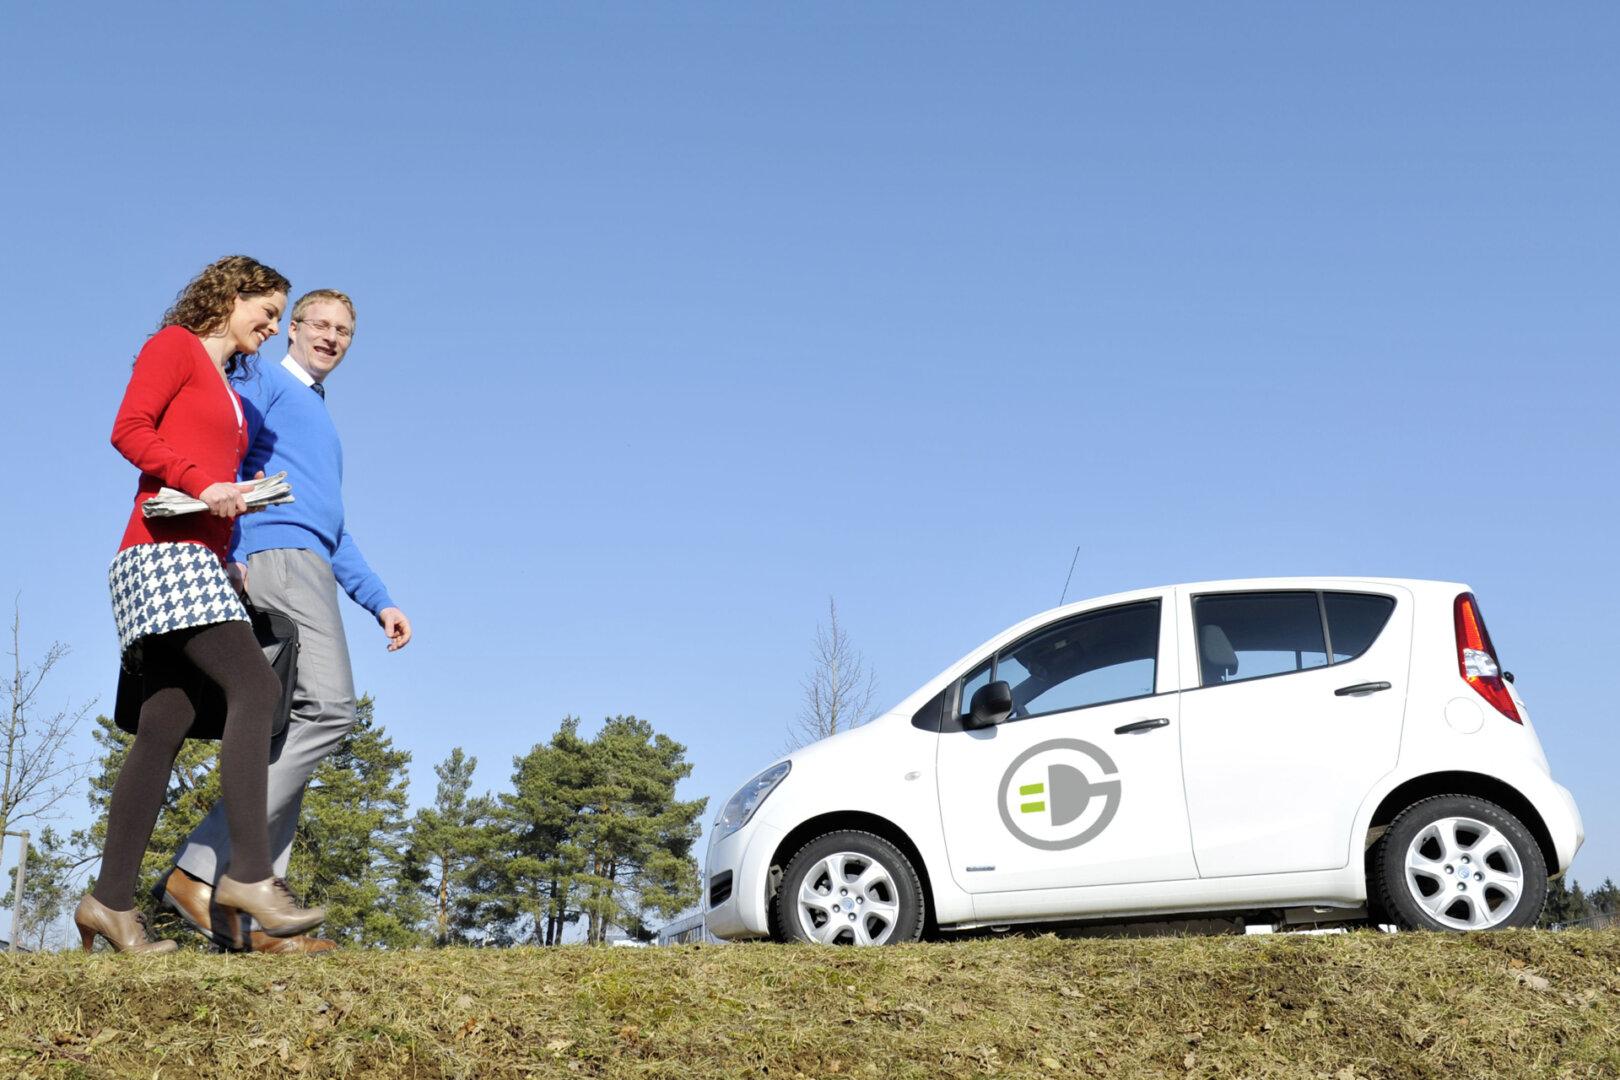 Elektroauto steht, davor bewegen sich zwei Personen lächelnd